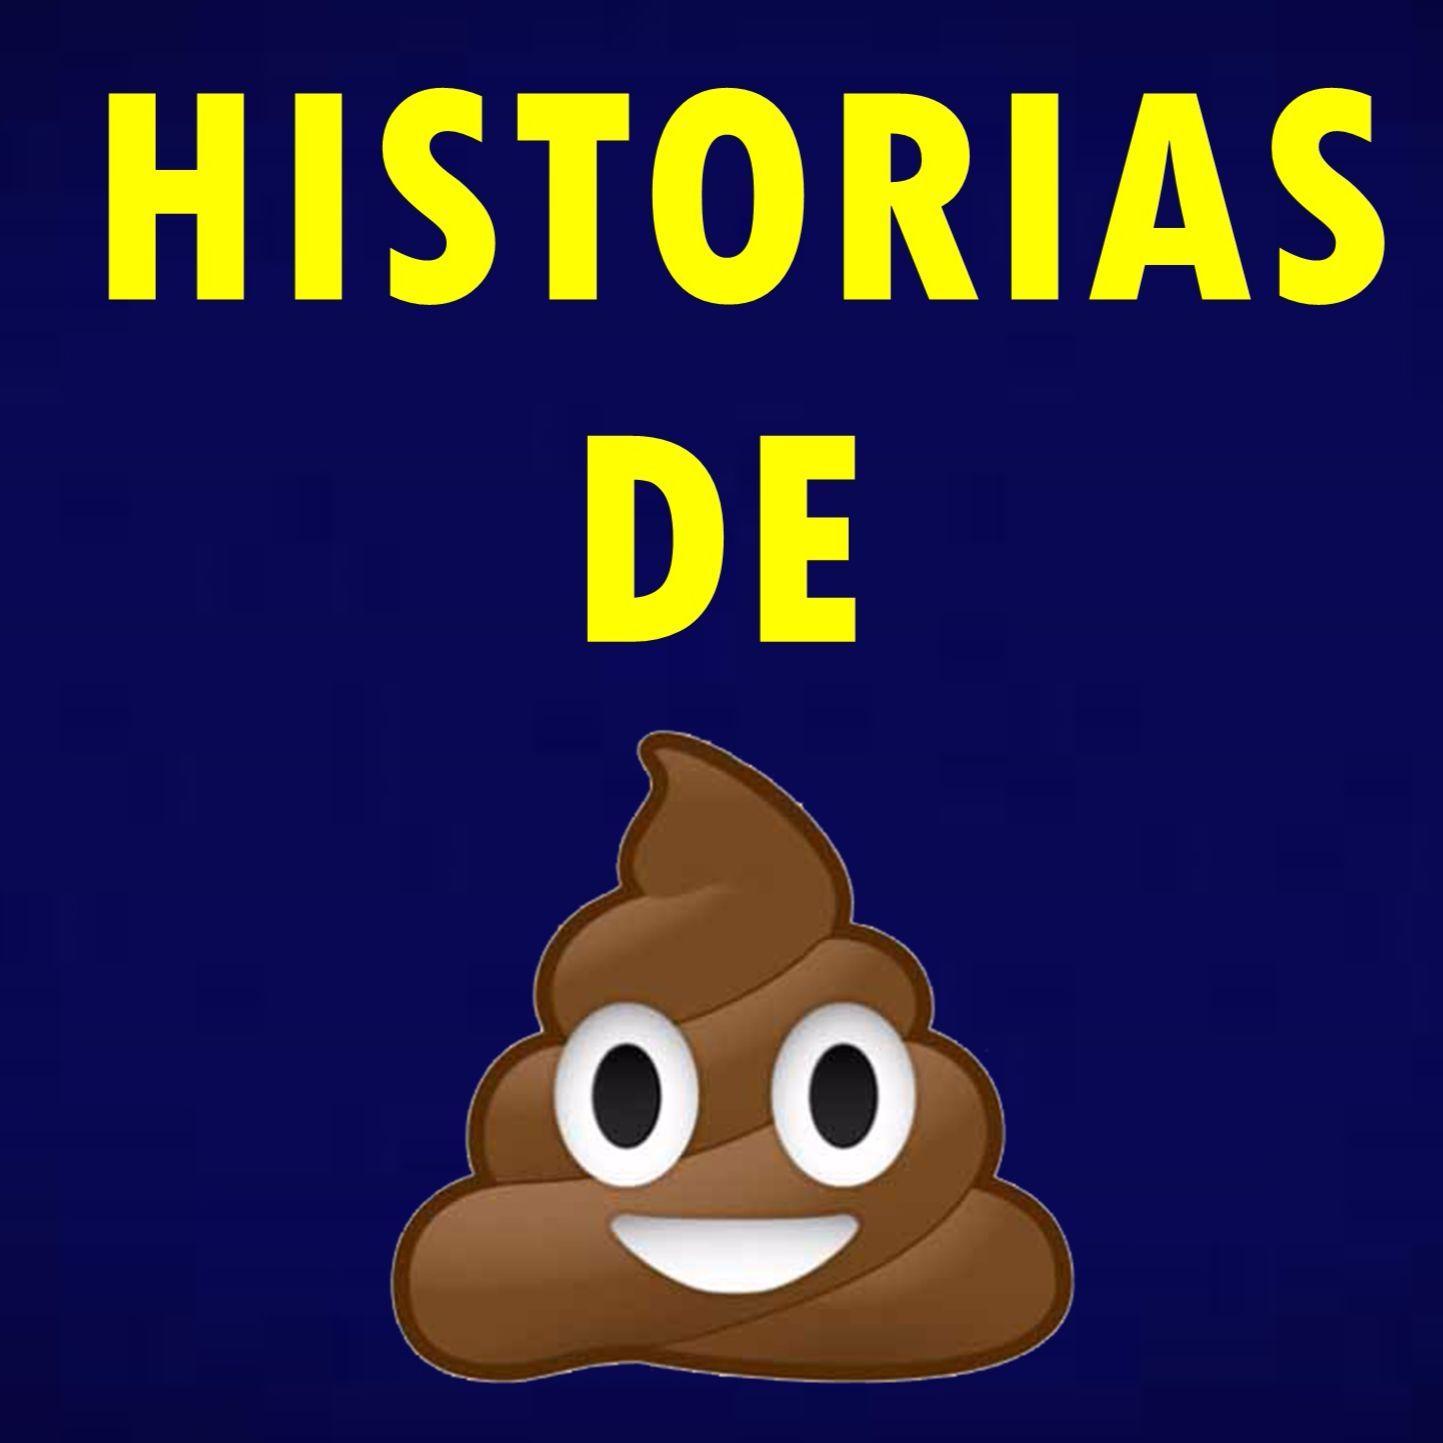 Gdc 1 - Historias De Merda